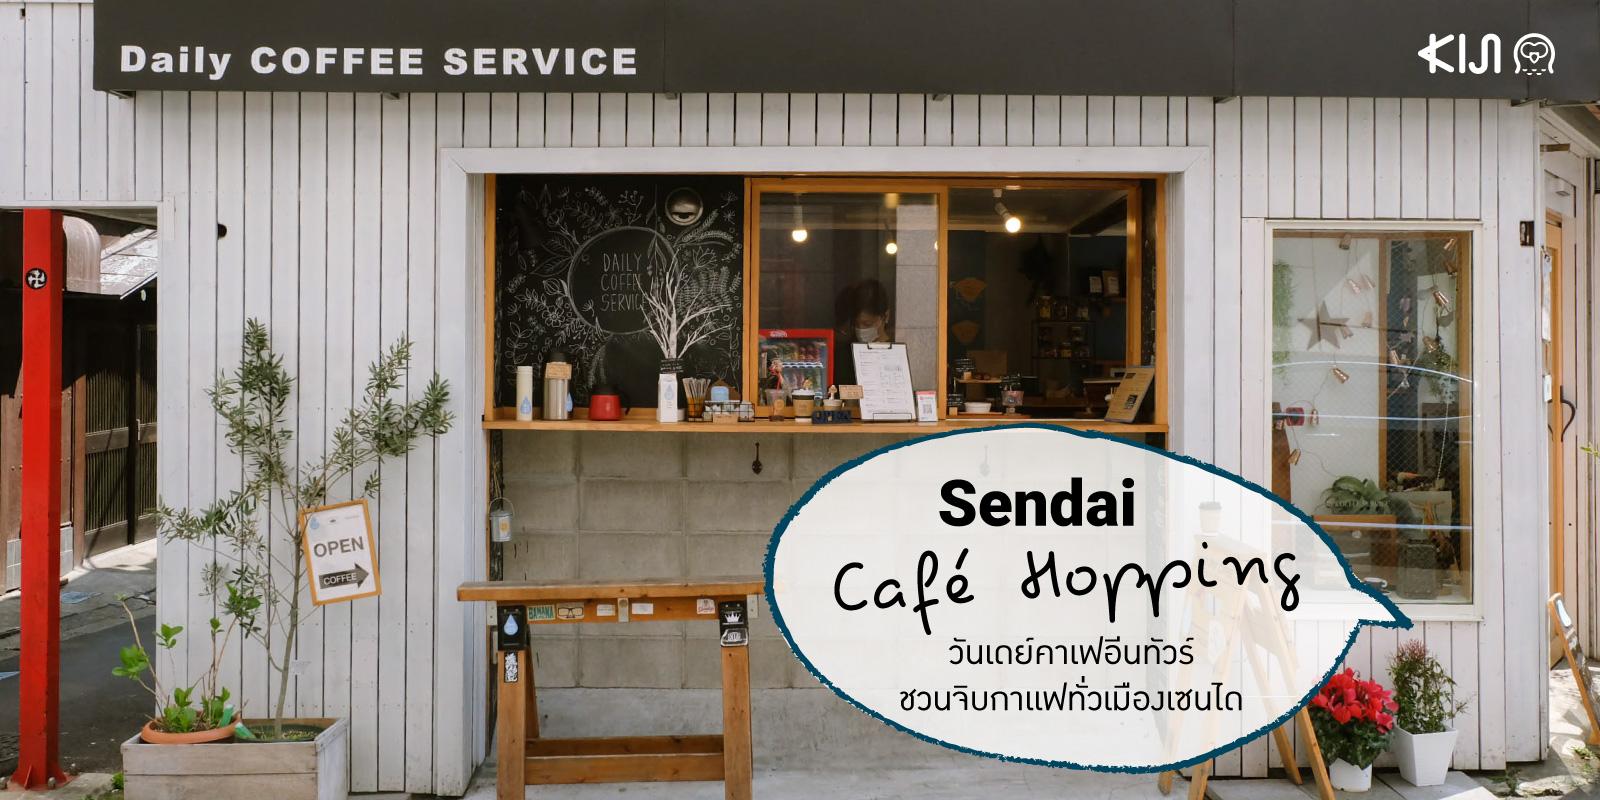 คาเฟ่ กาแฟ ขนมหวาน เซนได